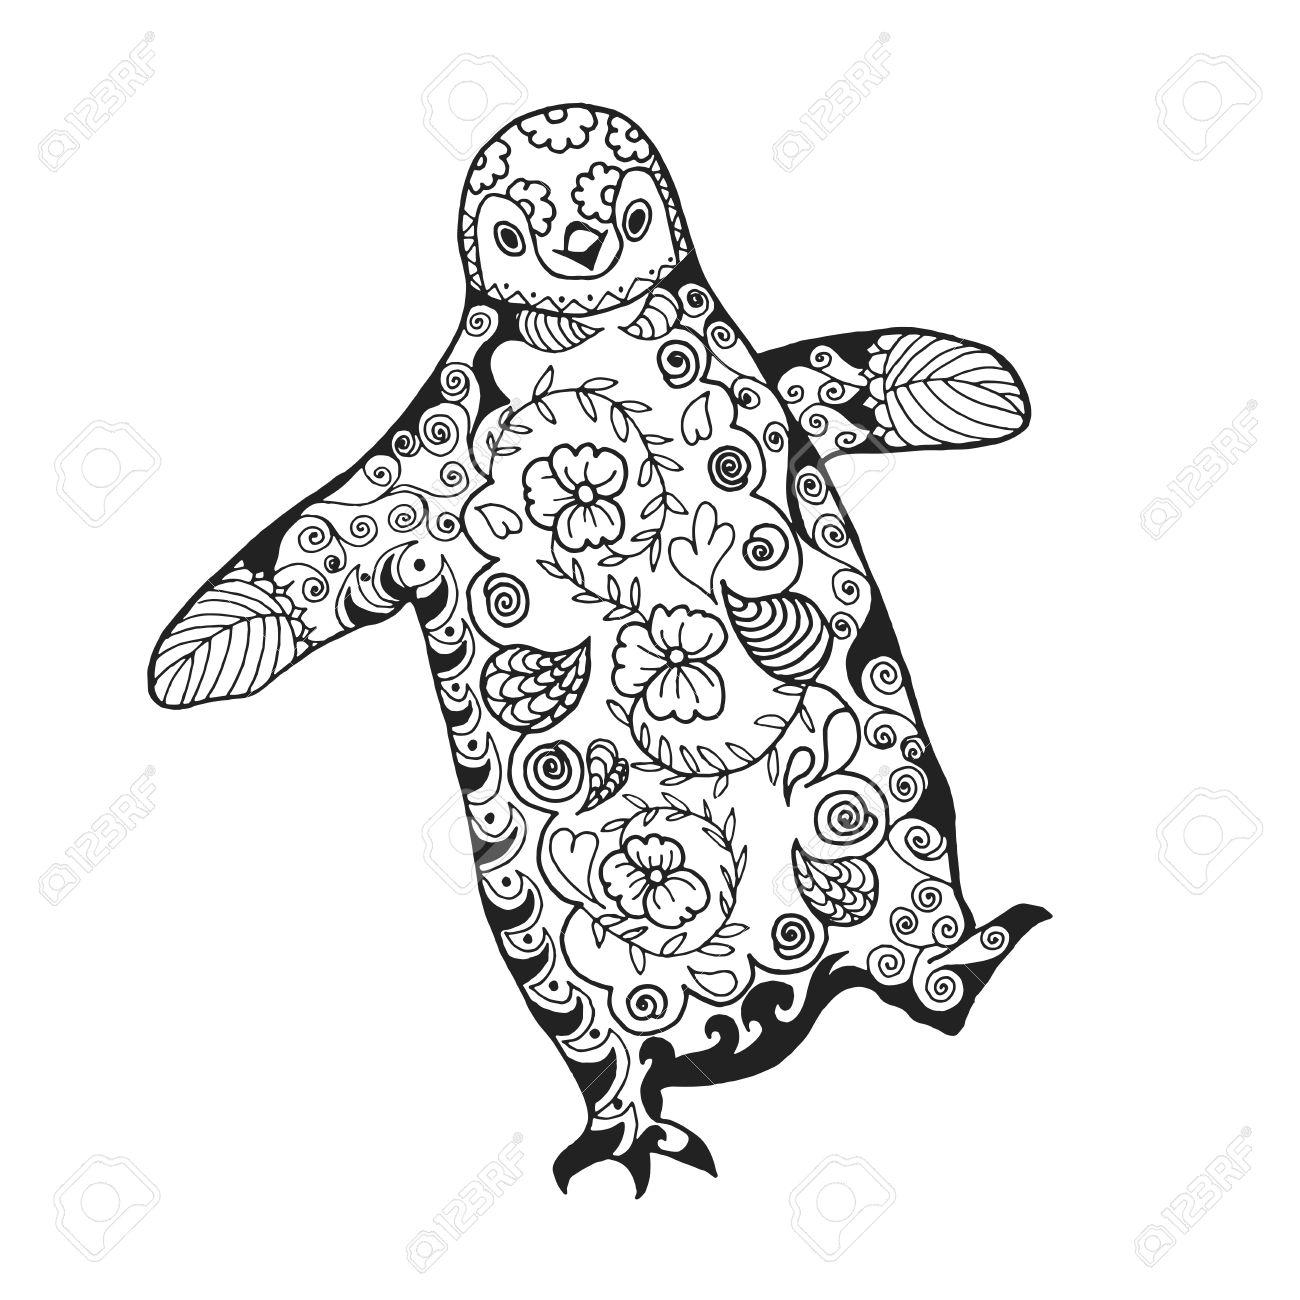 Kleurplaten Voor Volwassenen Dieren Printen.Leuke Pinguin Volwassen Antistress Kleurplaat Zwart Wit Hand